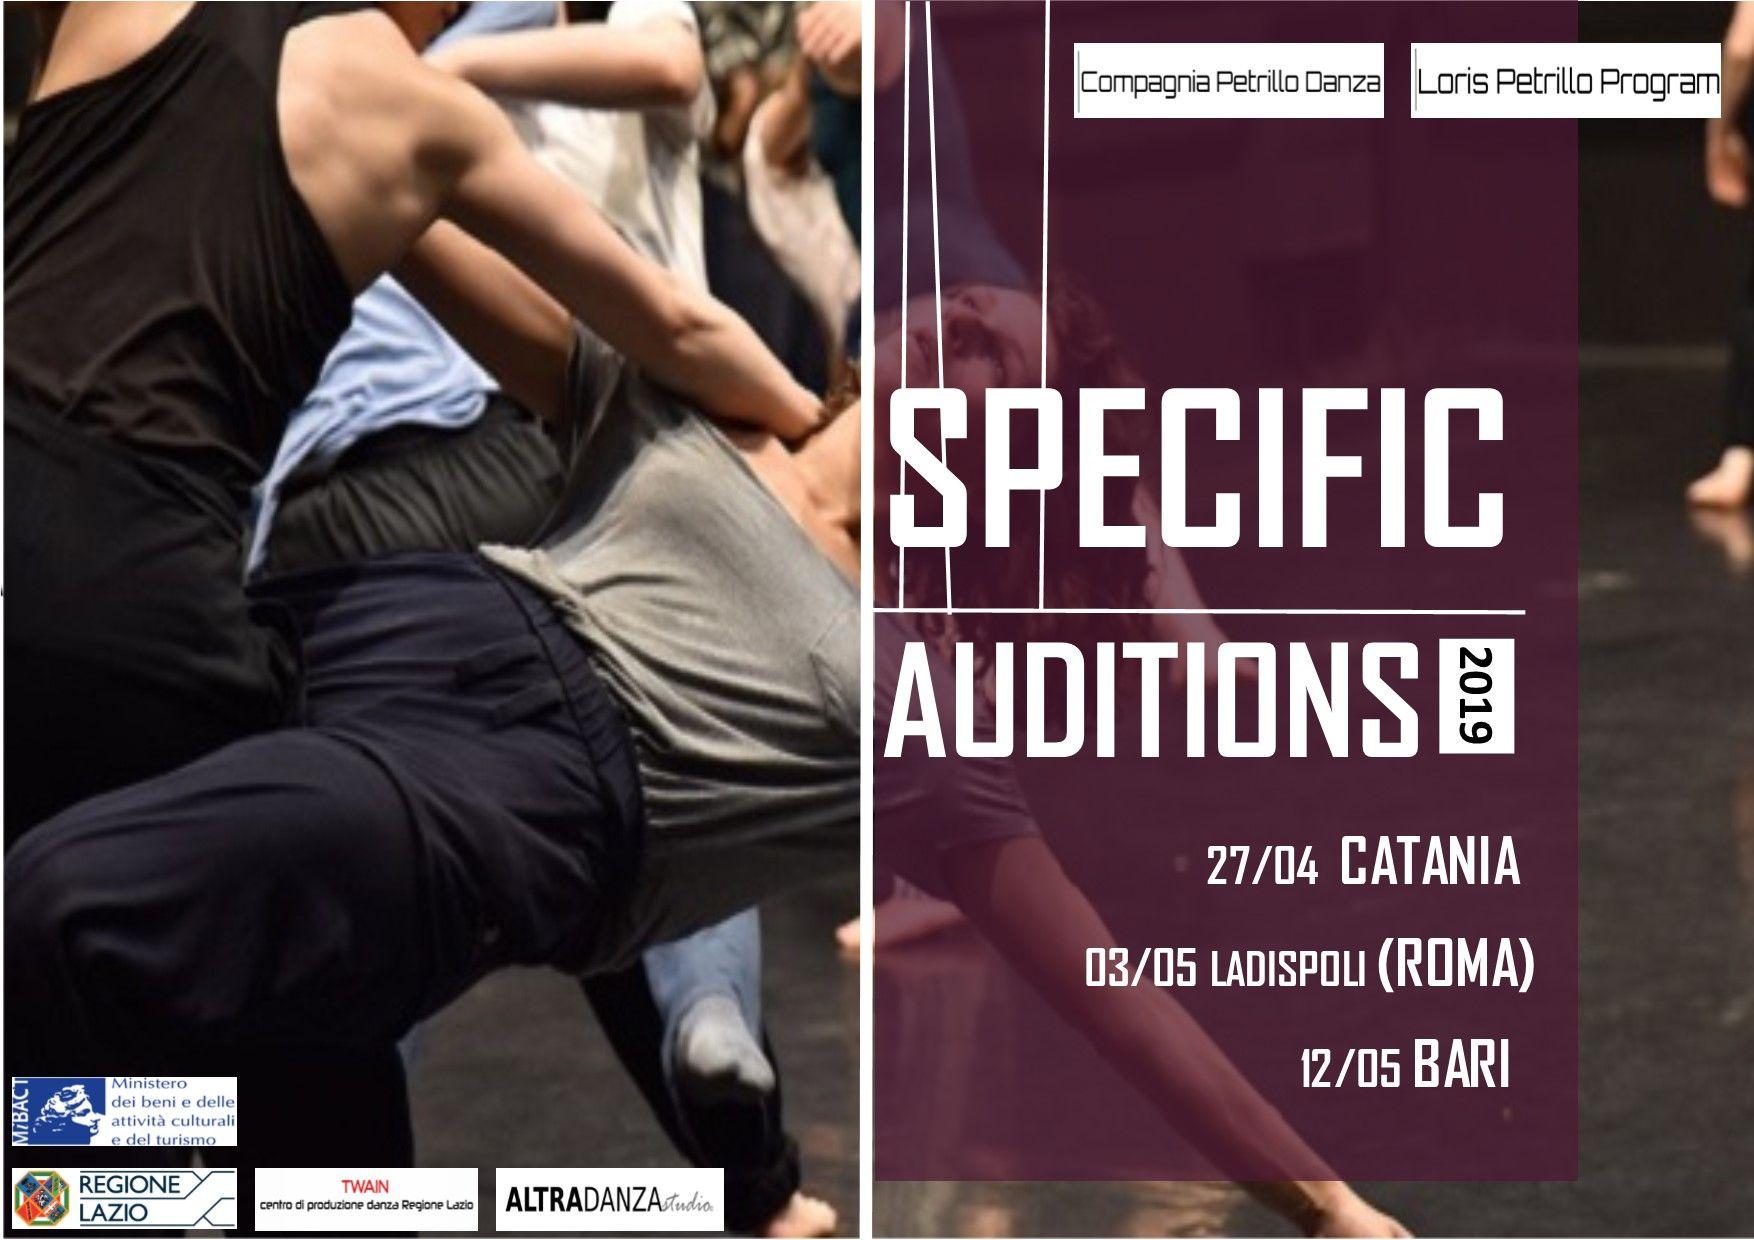 audizioni specific corso di perfezionamento compagnia petrillo danza 2019/20